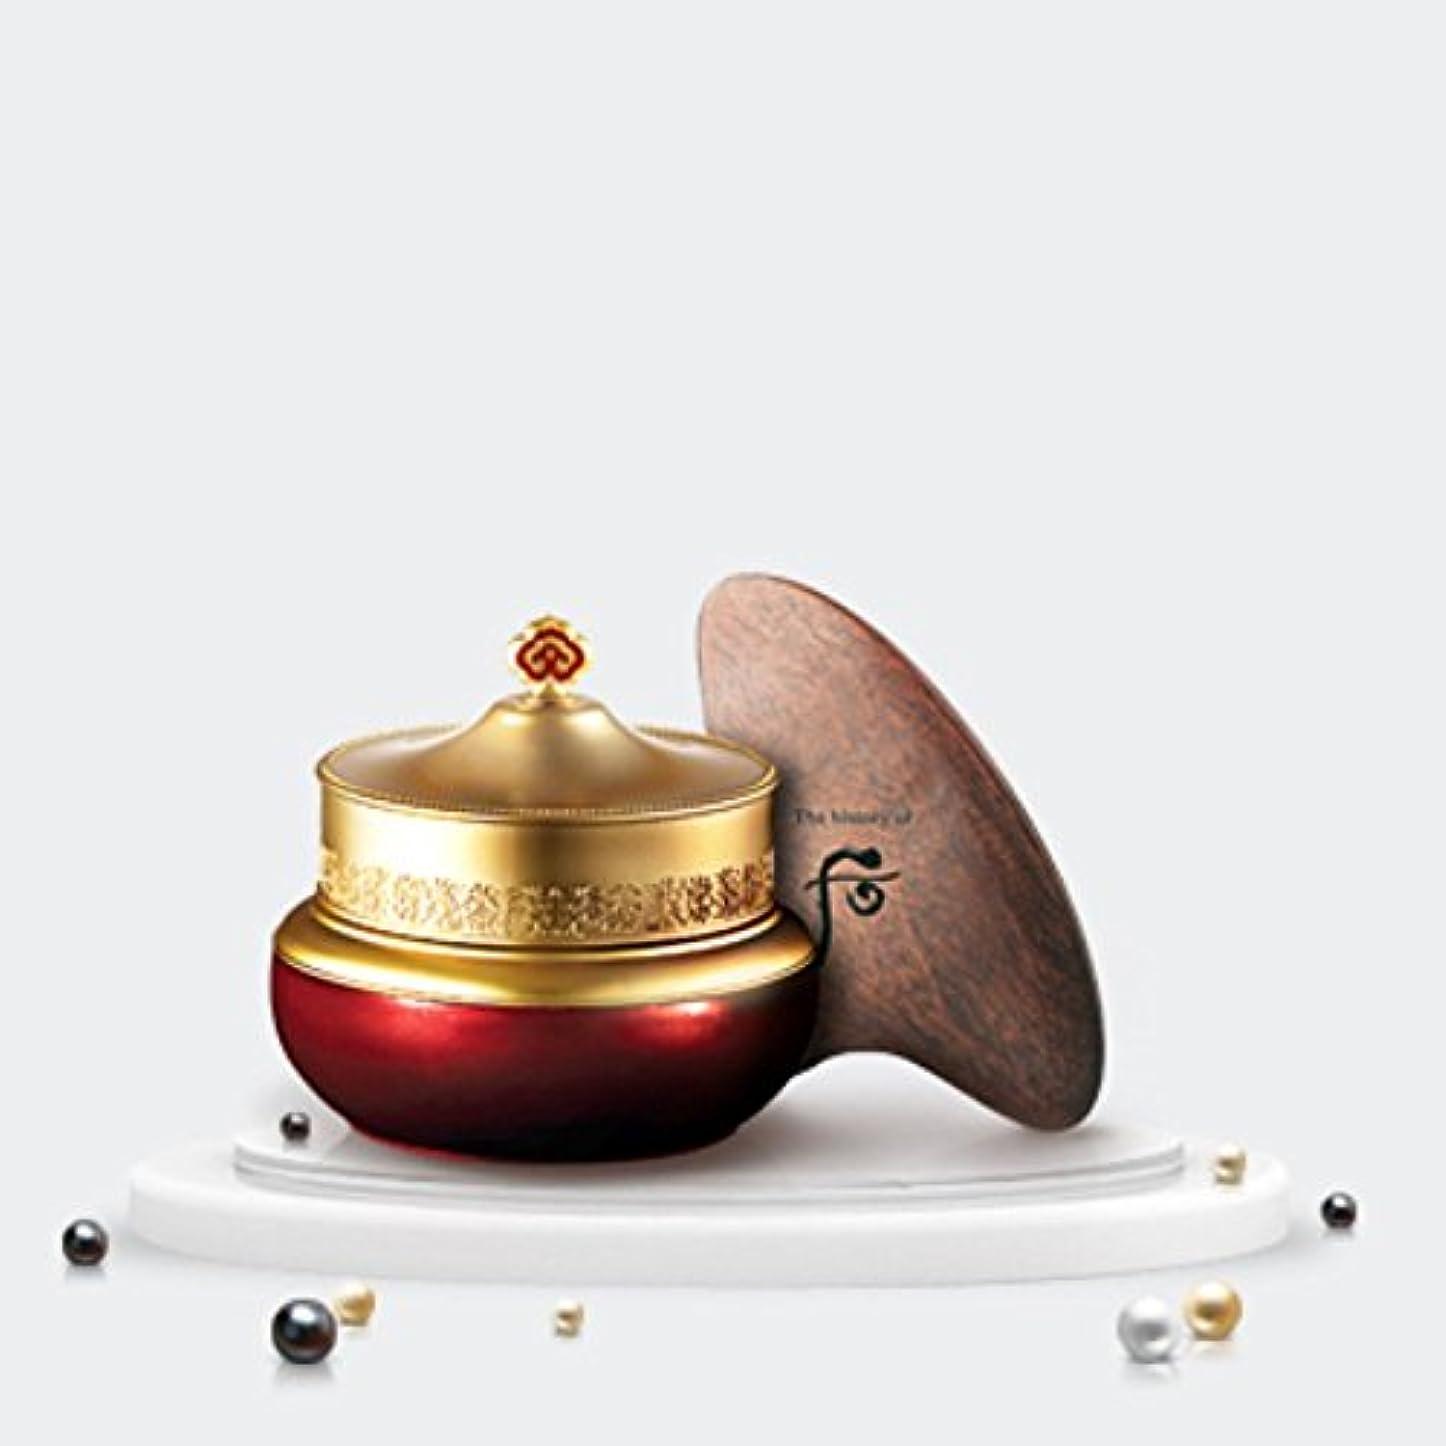 しがみつく該当する取り消すThe History of Whoo Jinyulhyang Essential Massage Mask 100ml/ザ ヒストリー オブ フー (后) 津率享 エッセンシャル マッサージ マスク 100ml